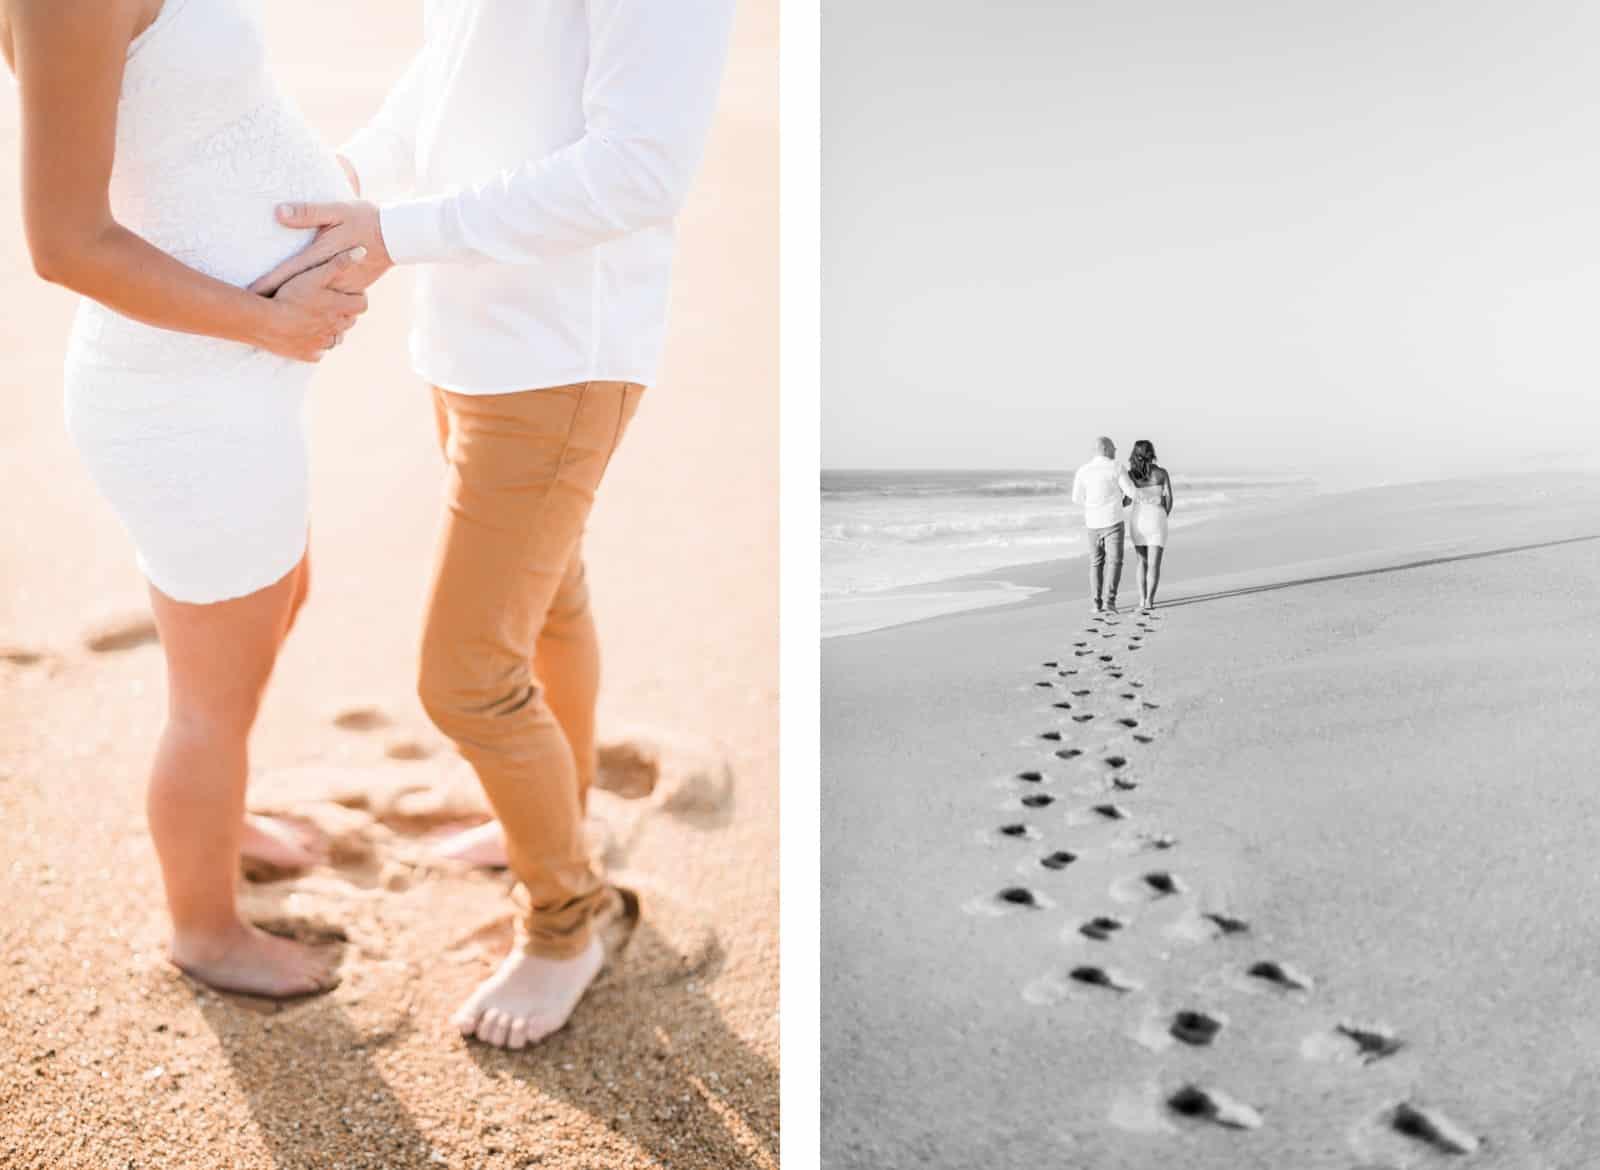 Photographie de Mathieu Dété, photographe de couple et grossesse à Saint-Pierre de la Réunion 974, présentant les pas d'un couple sur le sable d'une plage